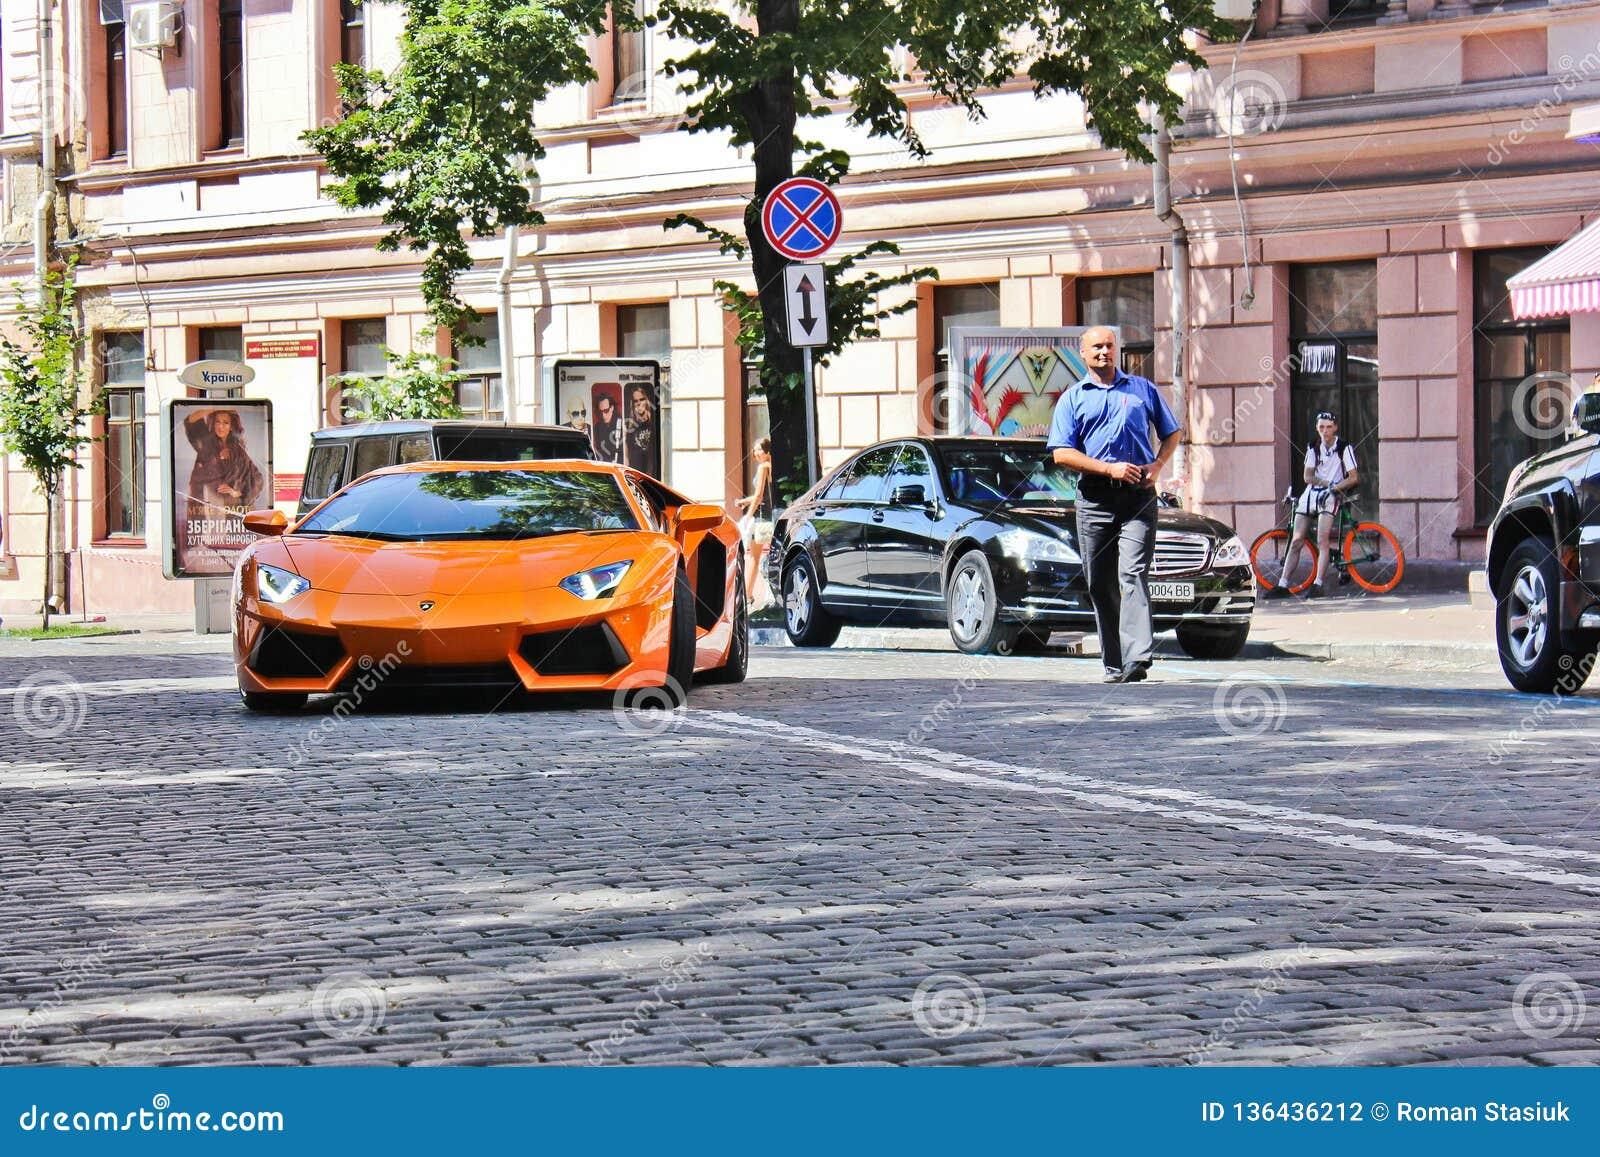 Kiev, Ucraina; 4 luglio 2013; Lamborghini Aventador sulle vie